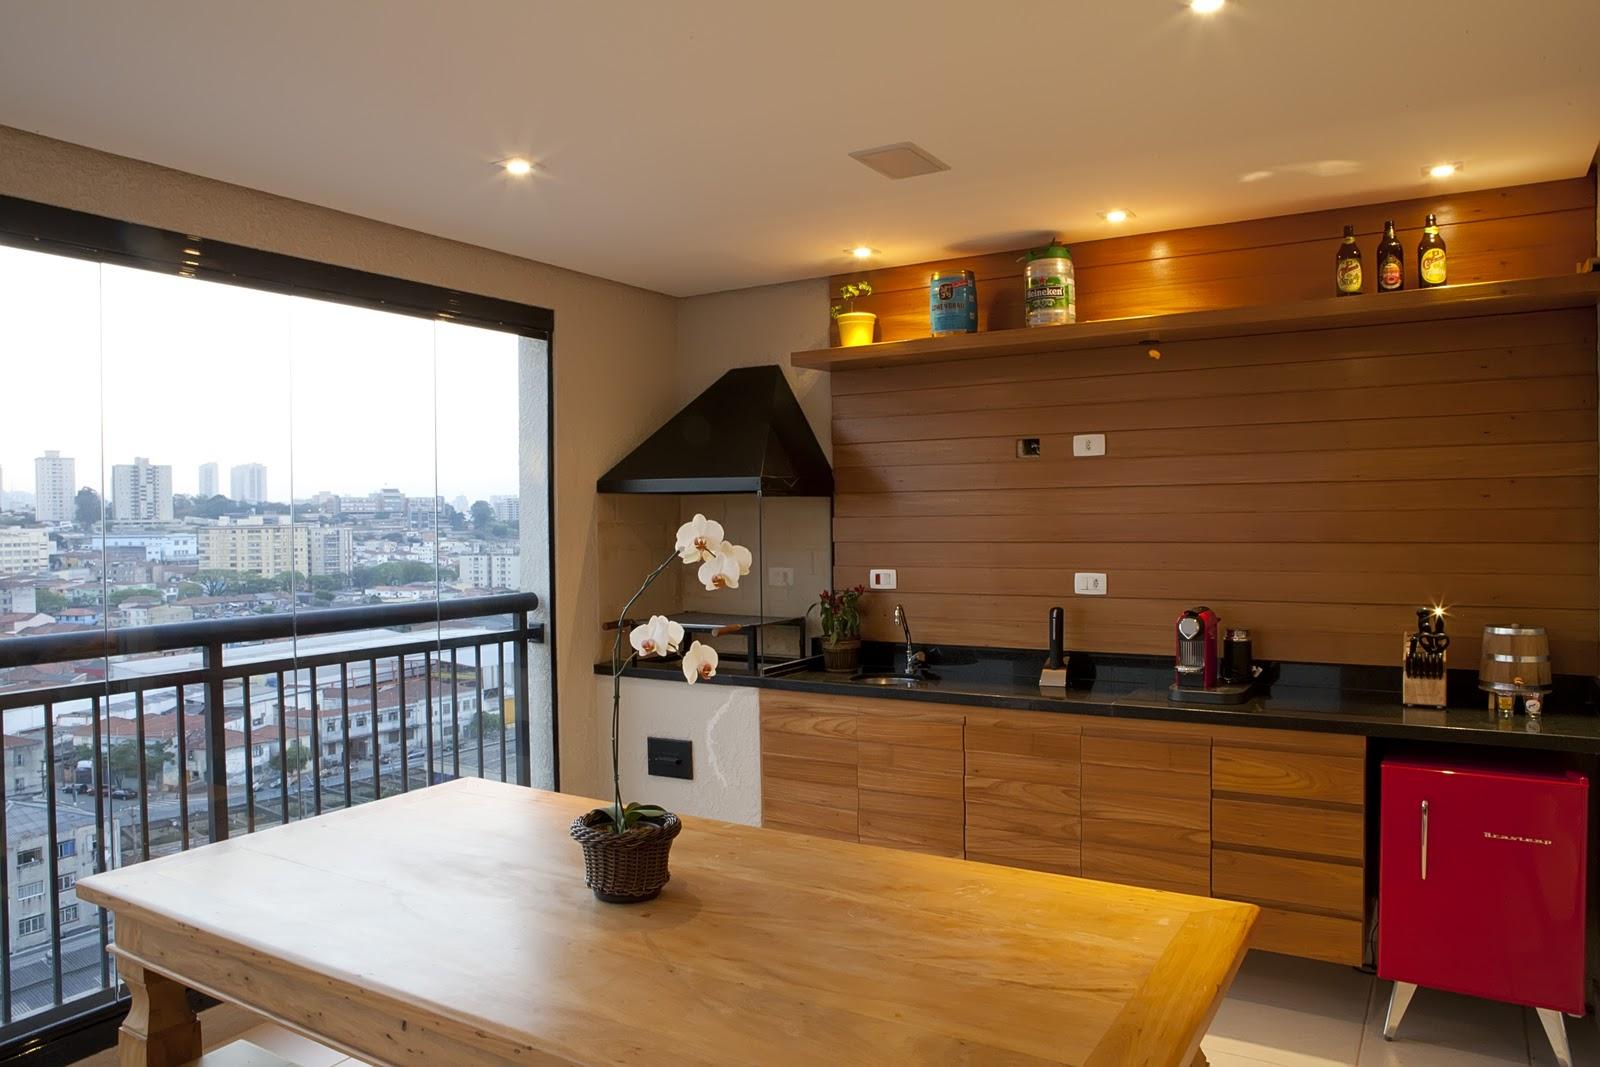 #A67025 da Calu Fontes na cozinha e madeira de demolição na parede do home  1600x1067 px Melhoria Home Da Cozinha_10 Imagens